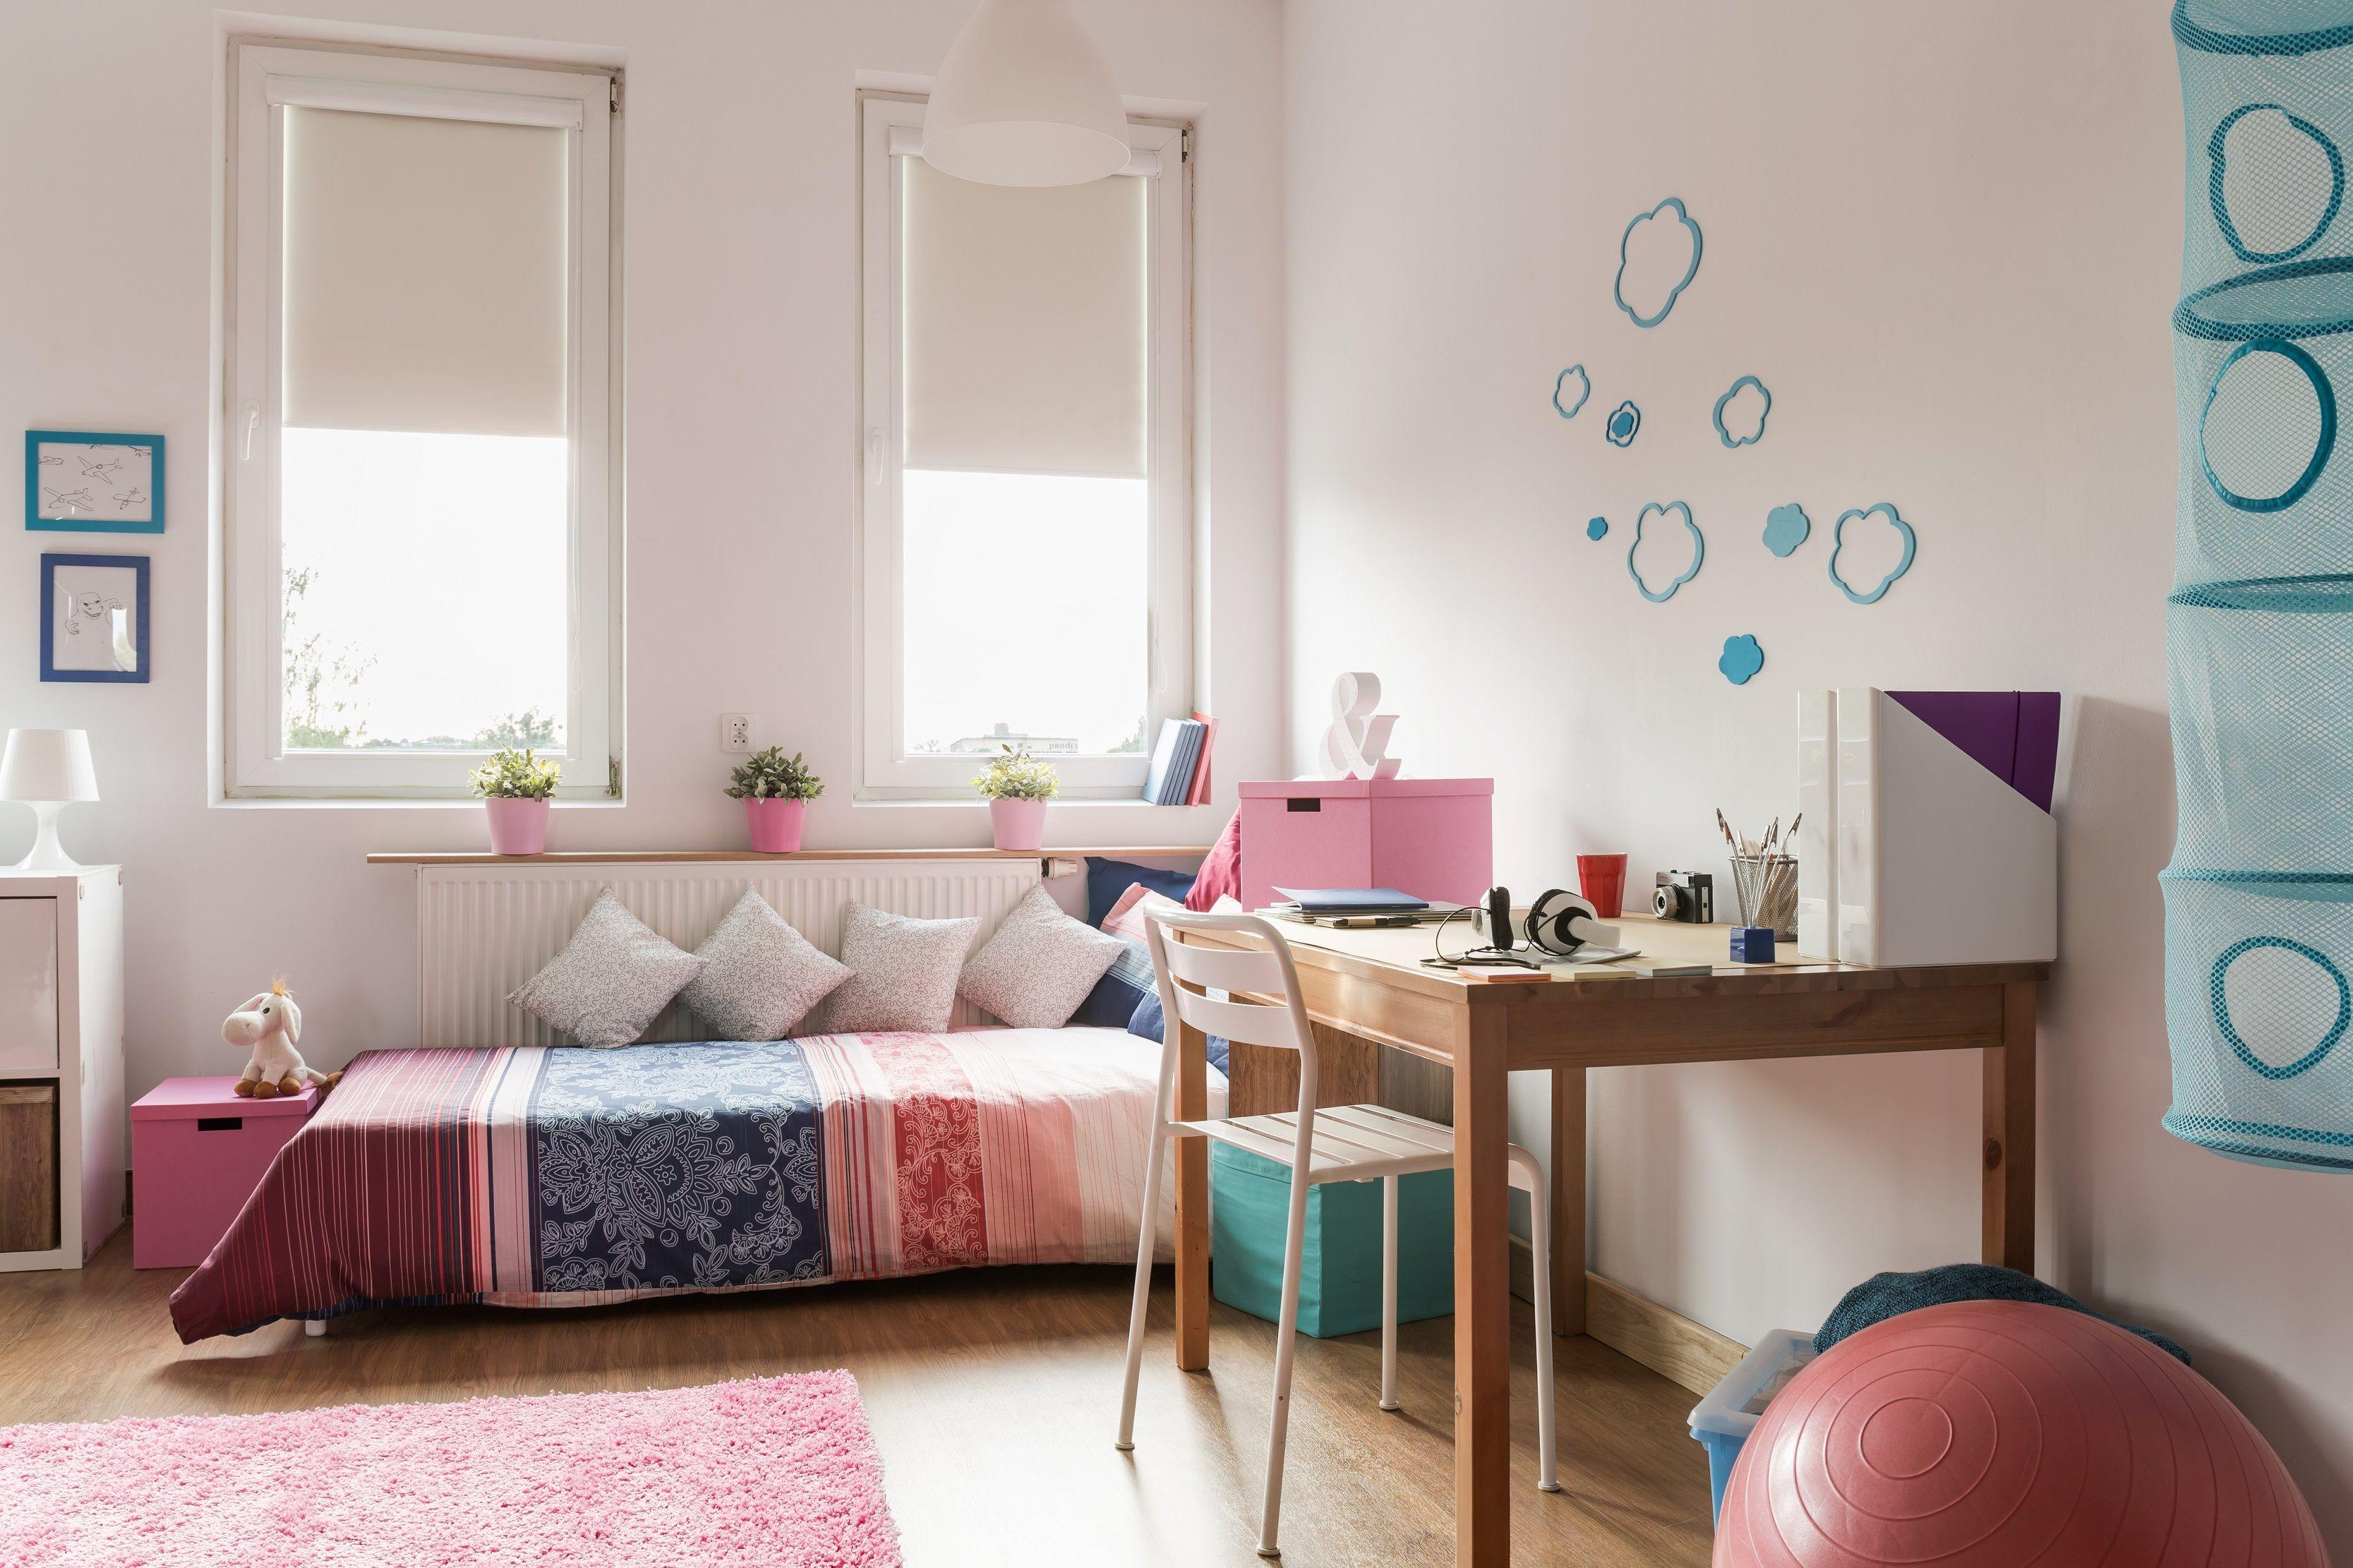 Ideen Für Wandgestaltung Kinderzimmer